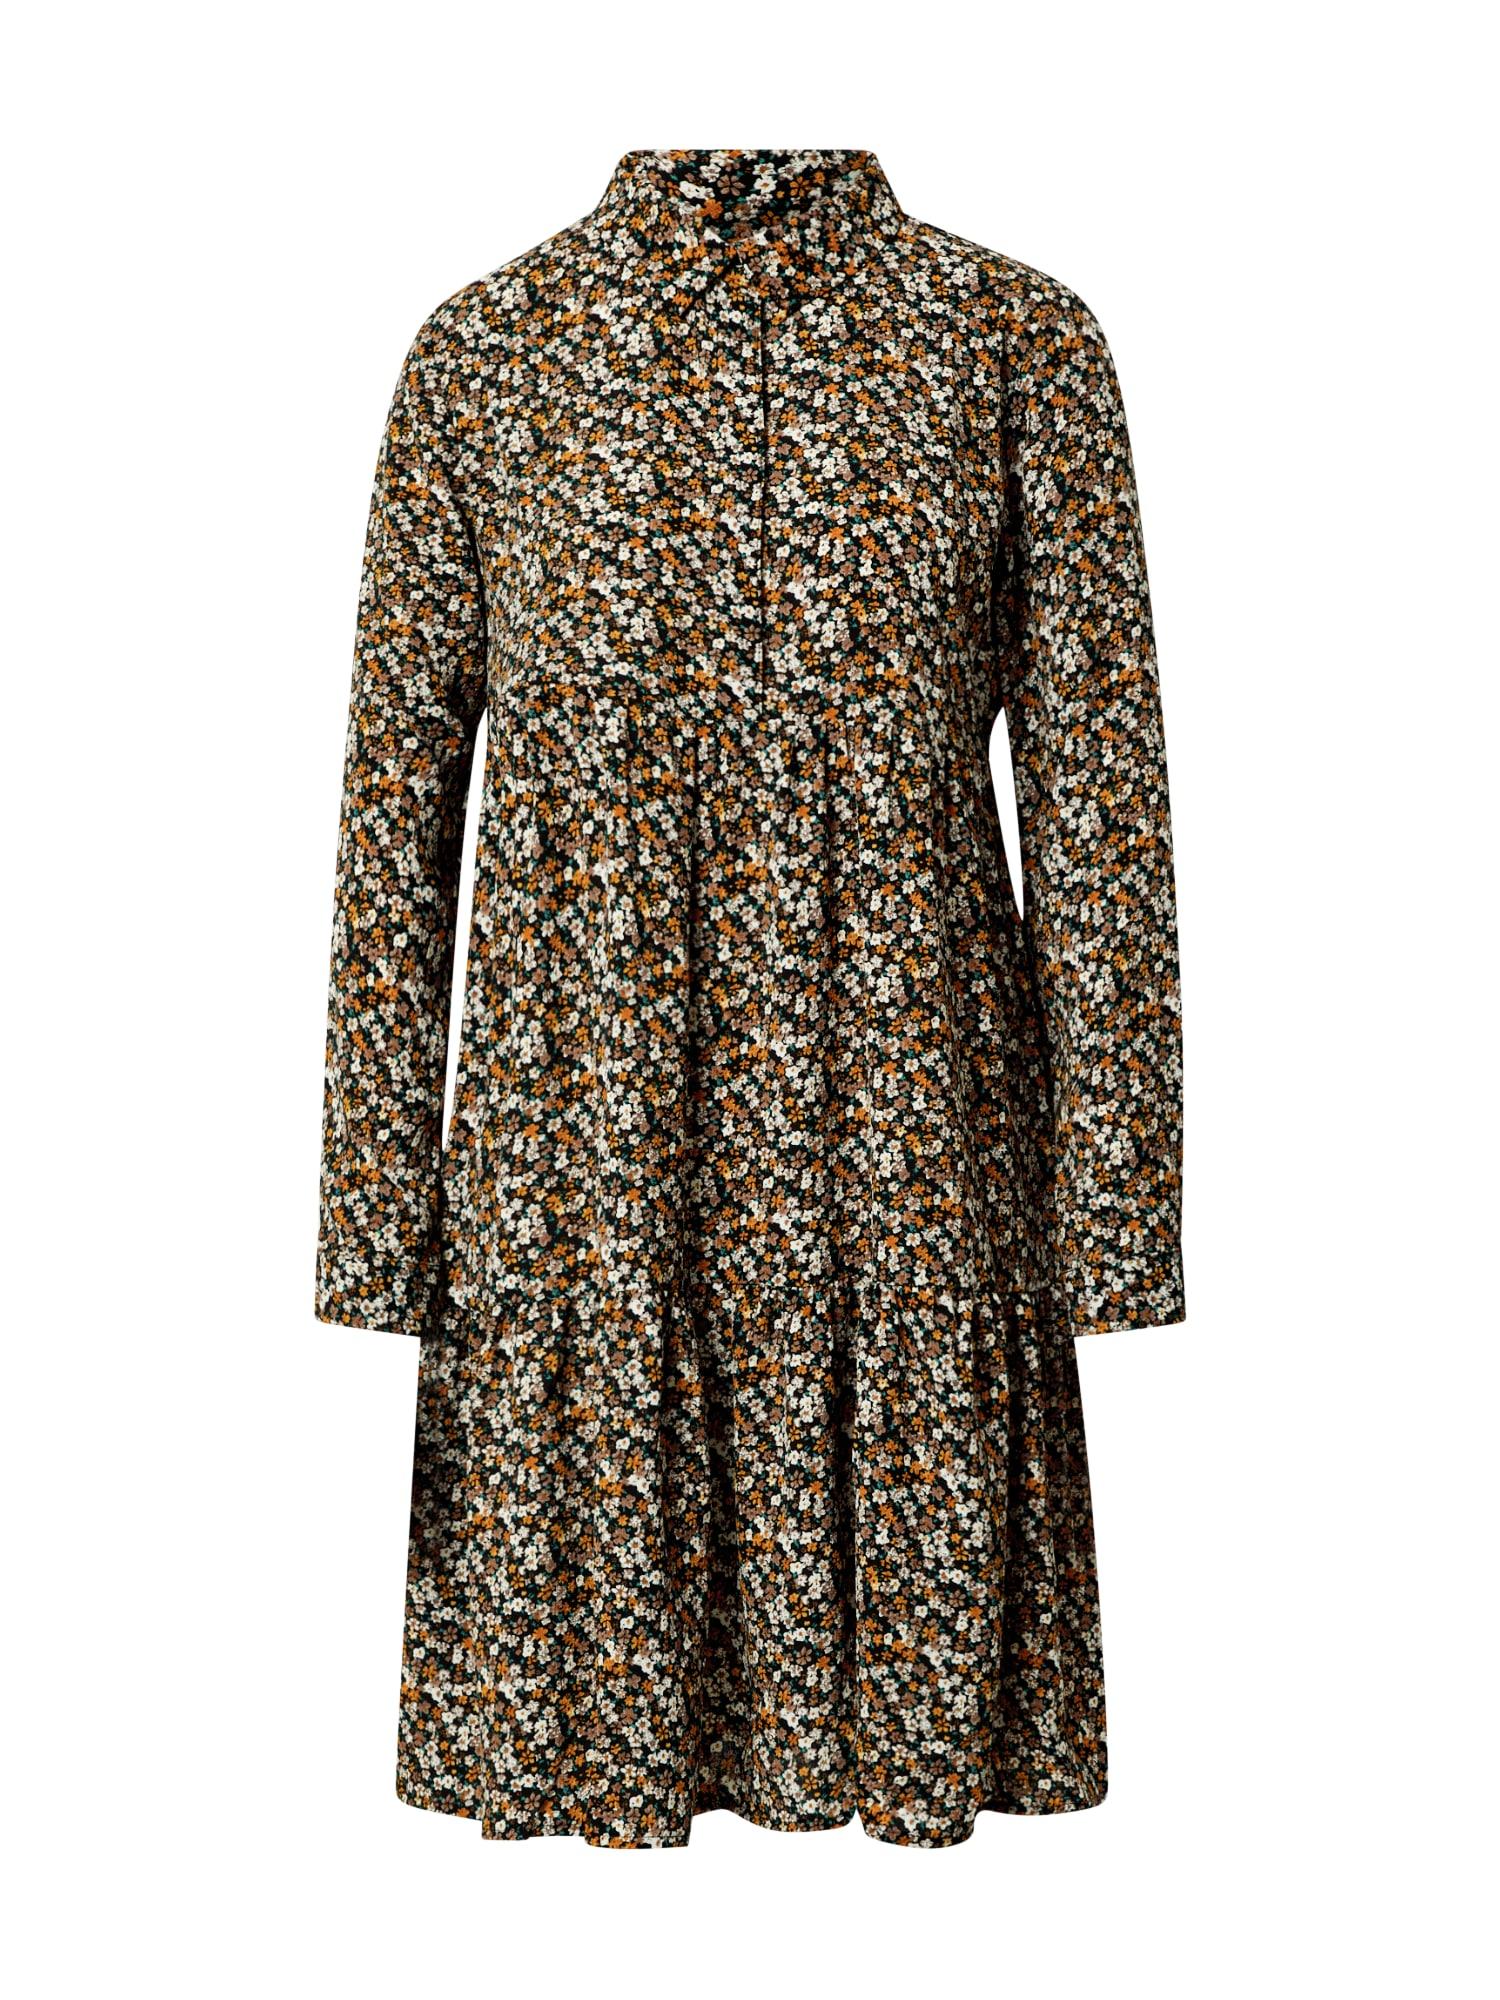 JACQUELINE de YONG Palaidinės tipo suknelė oranžinė / mišrios spalvos